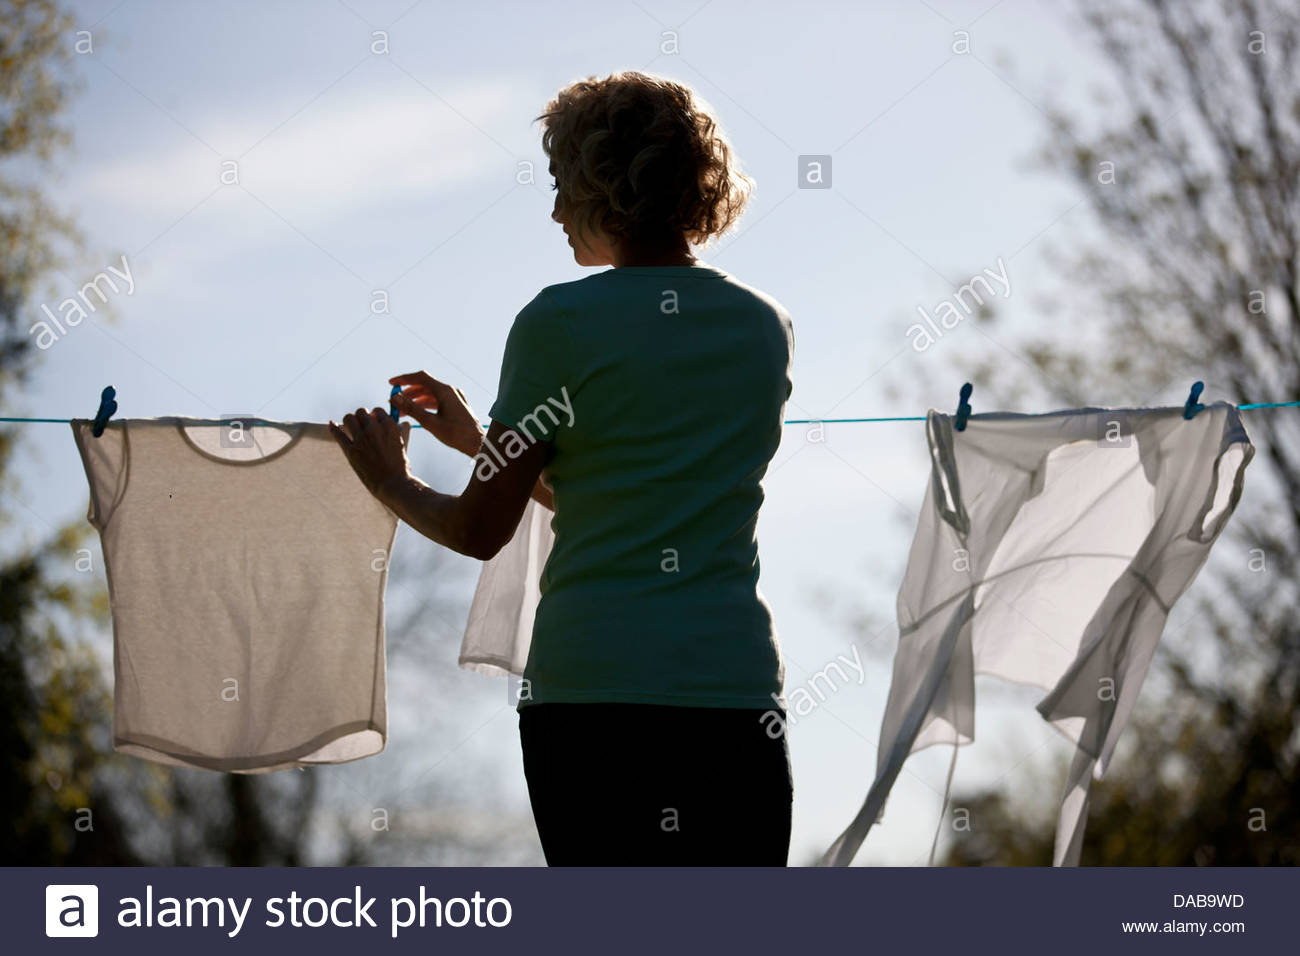 Una donna matura ancoraggio fuori lavaggio su una linea di lavaggio, vista posteriore Immagini Stock